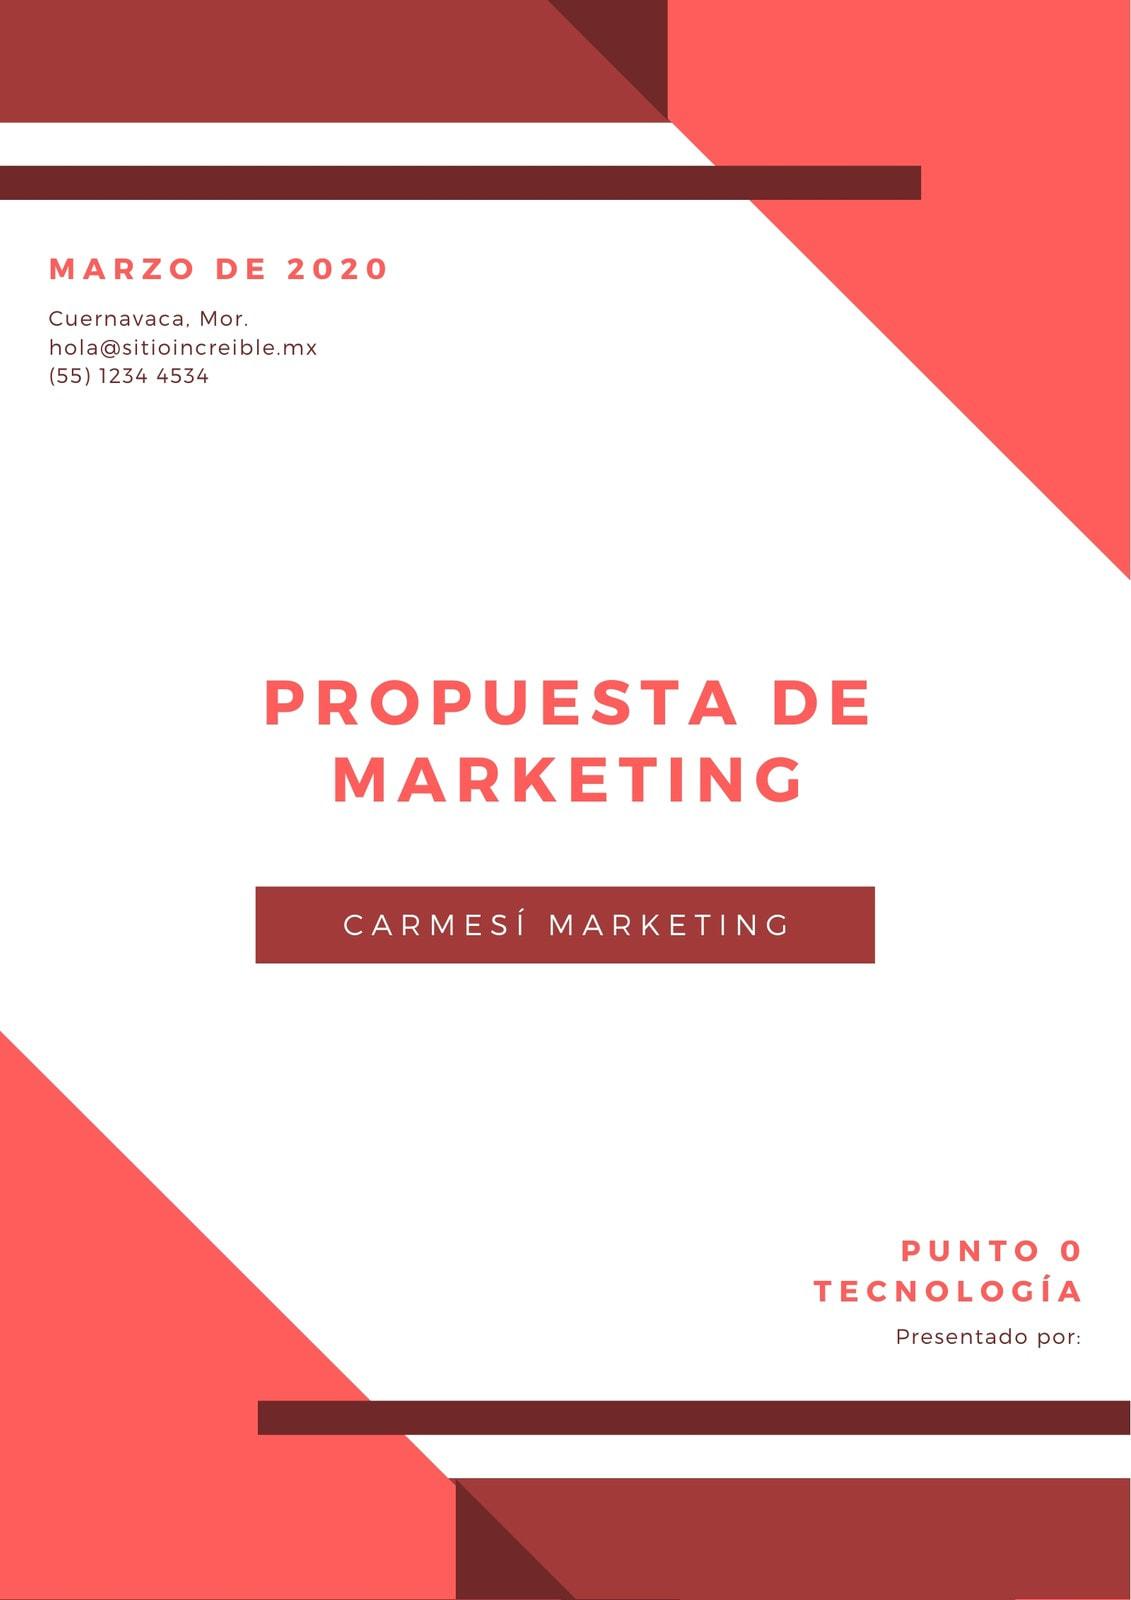 Rojo y Blanco Geométrico Propuesta de Marketing